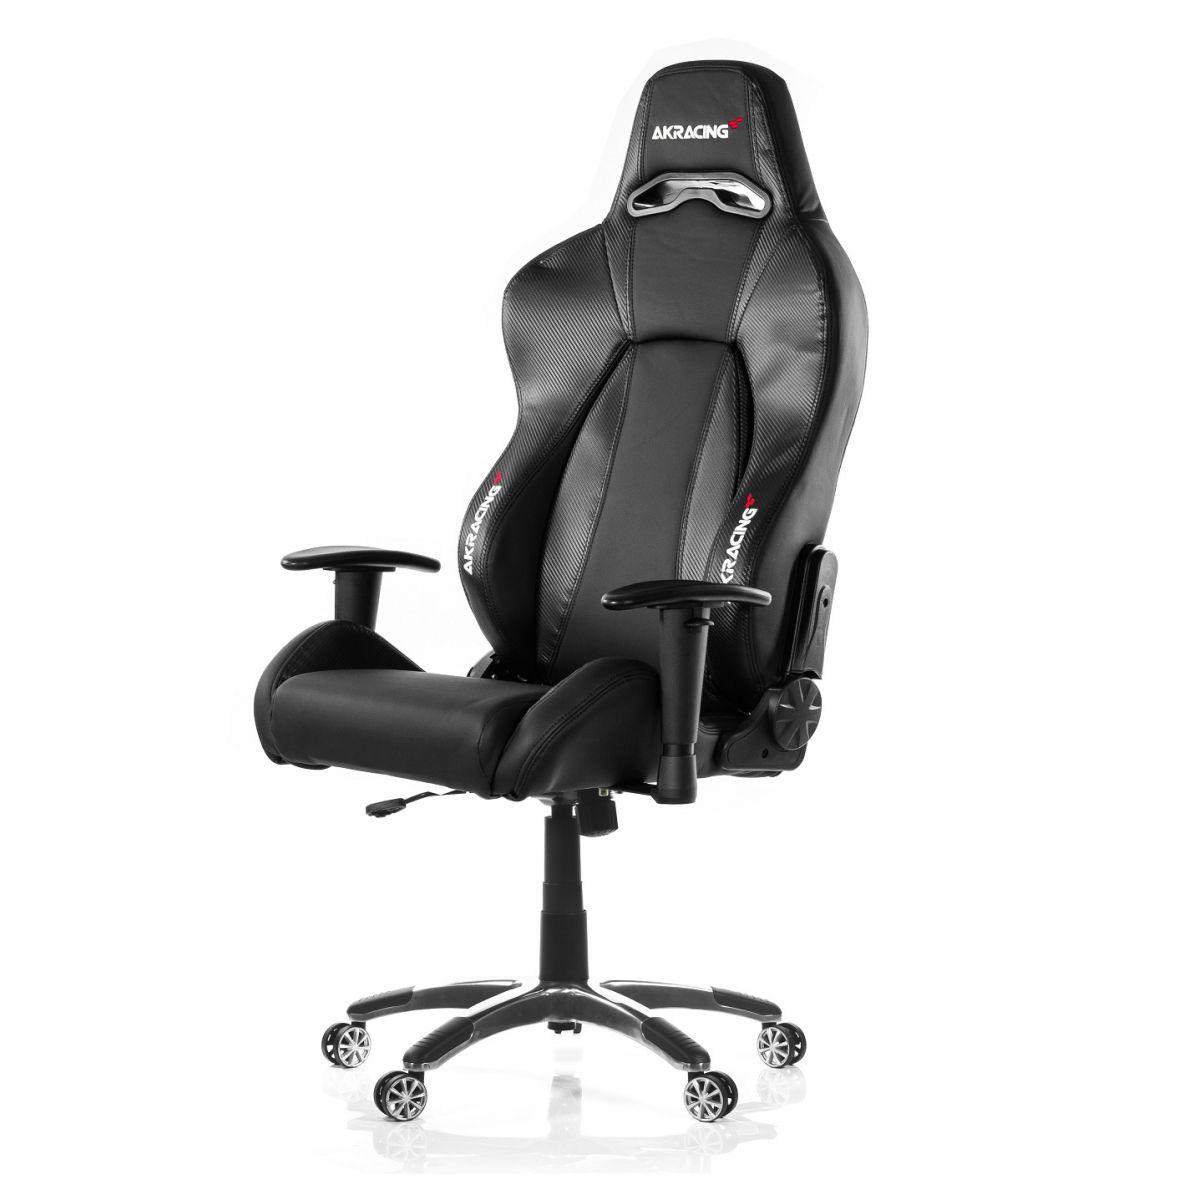 Cadeira AKracing Premium Carbon Black V2 AK-7002-CB - AKracing